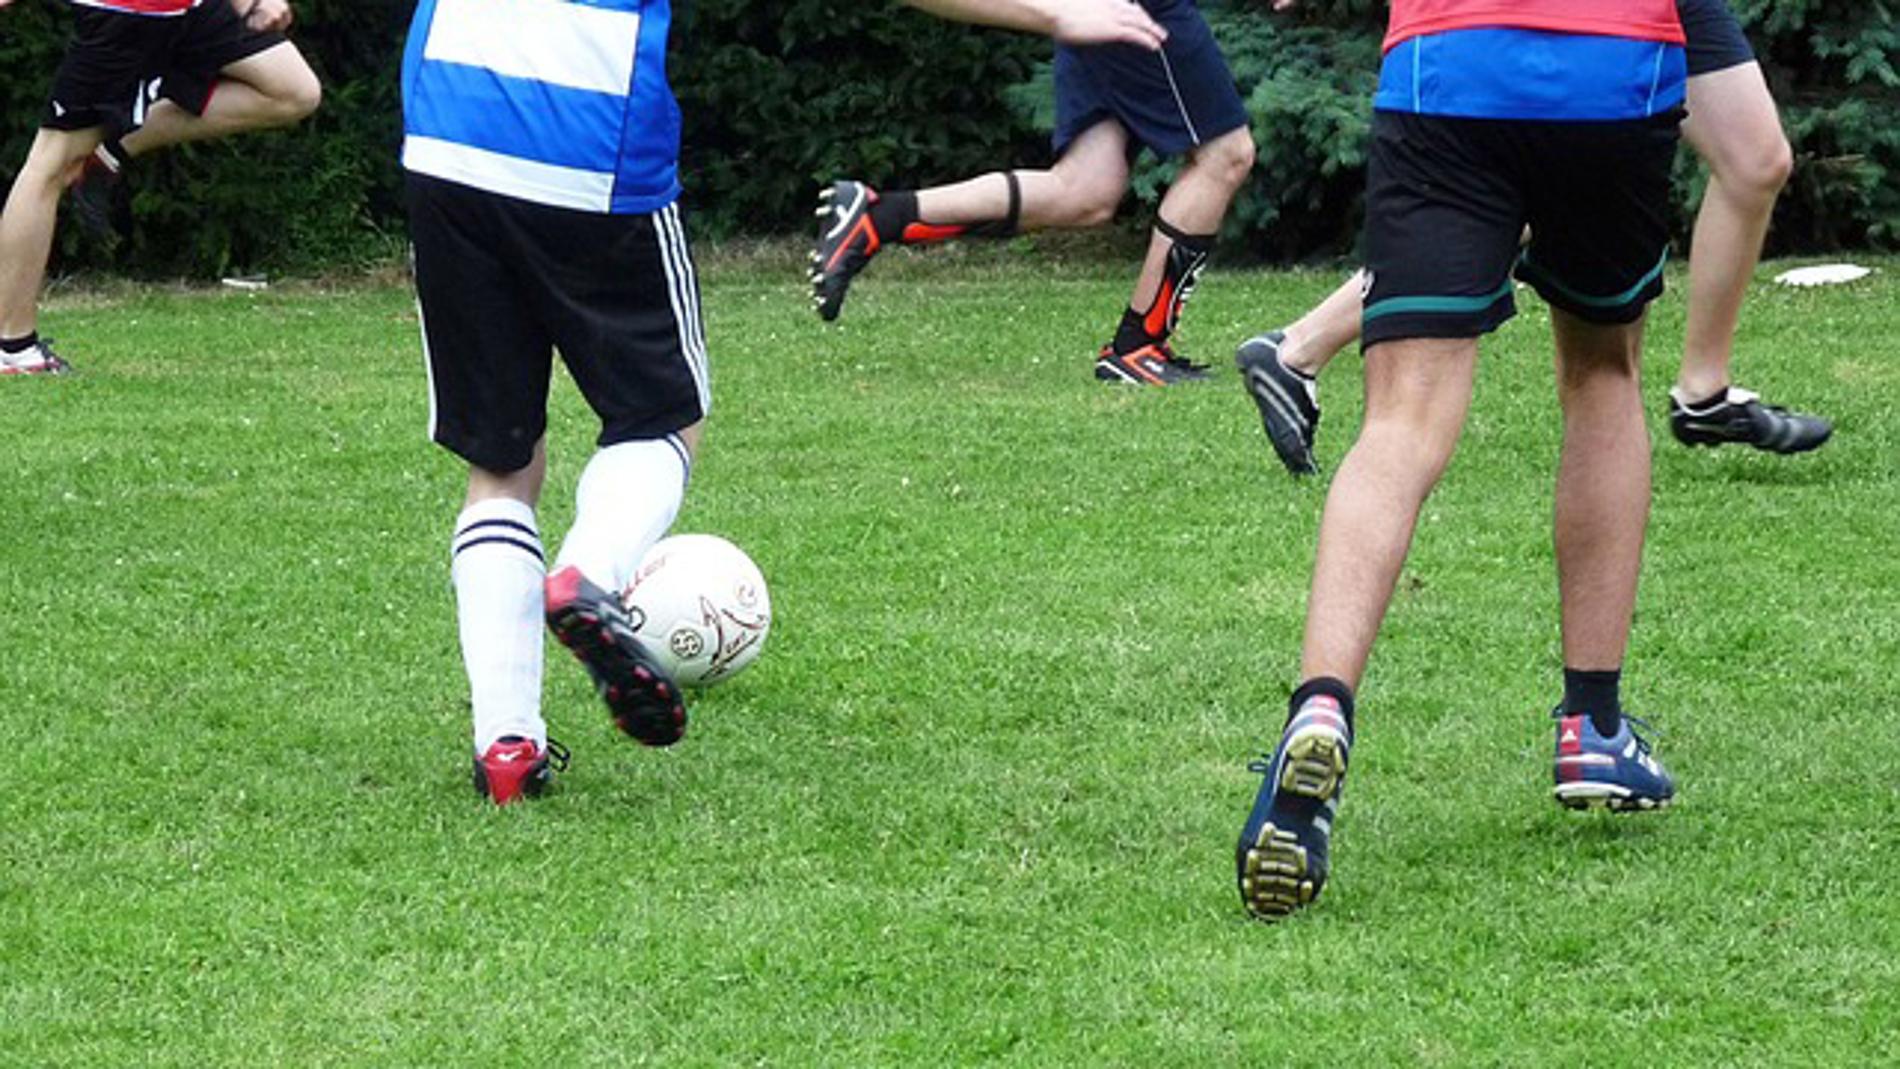 Adolescentes jugando al fútbol (FOTO: PI